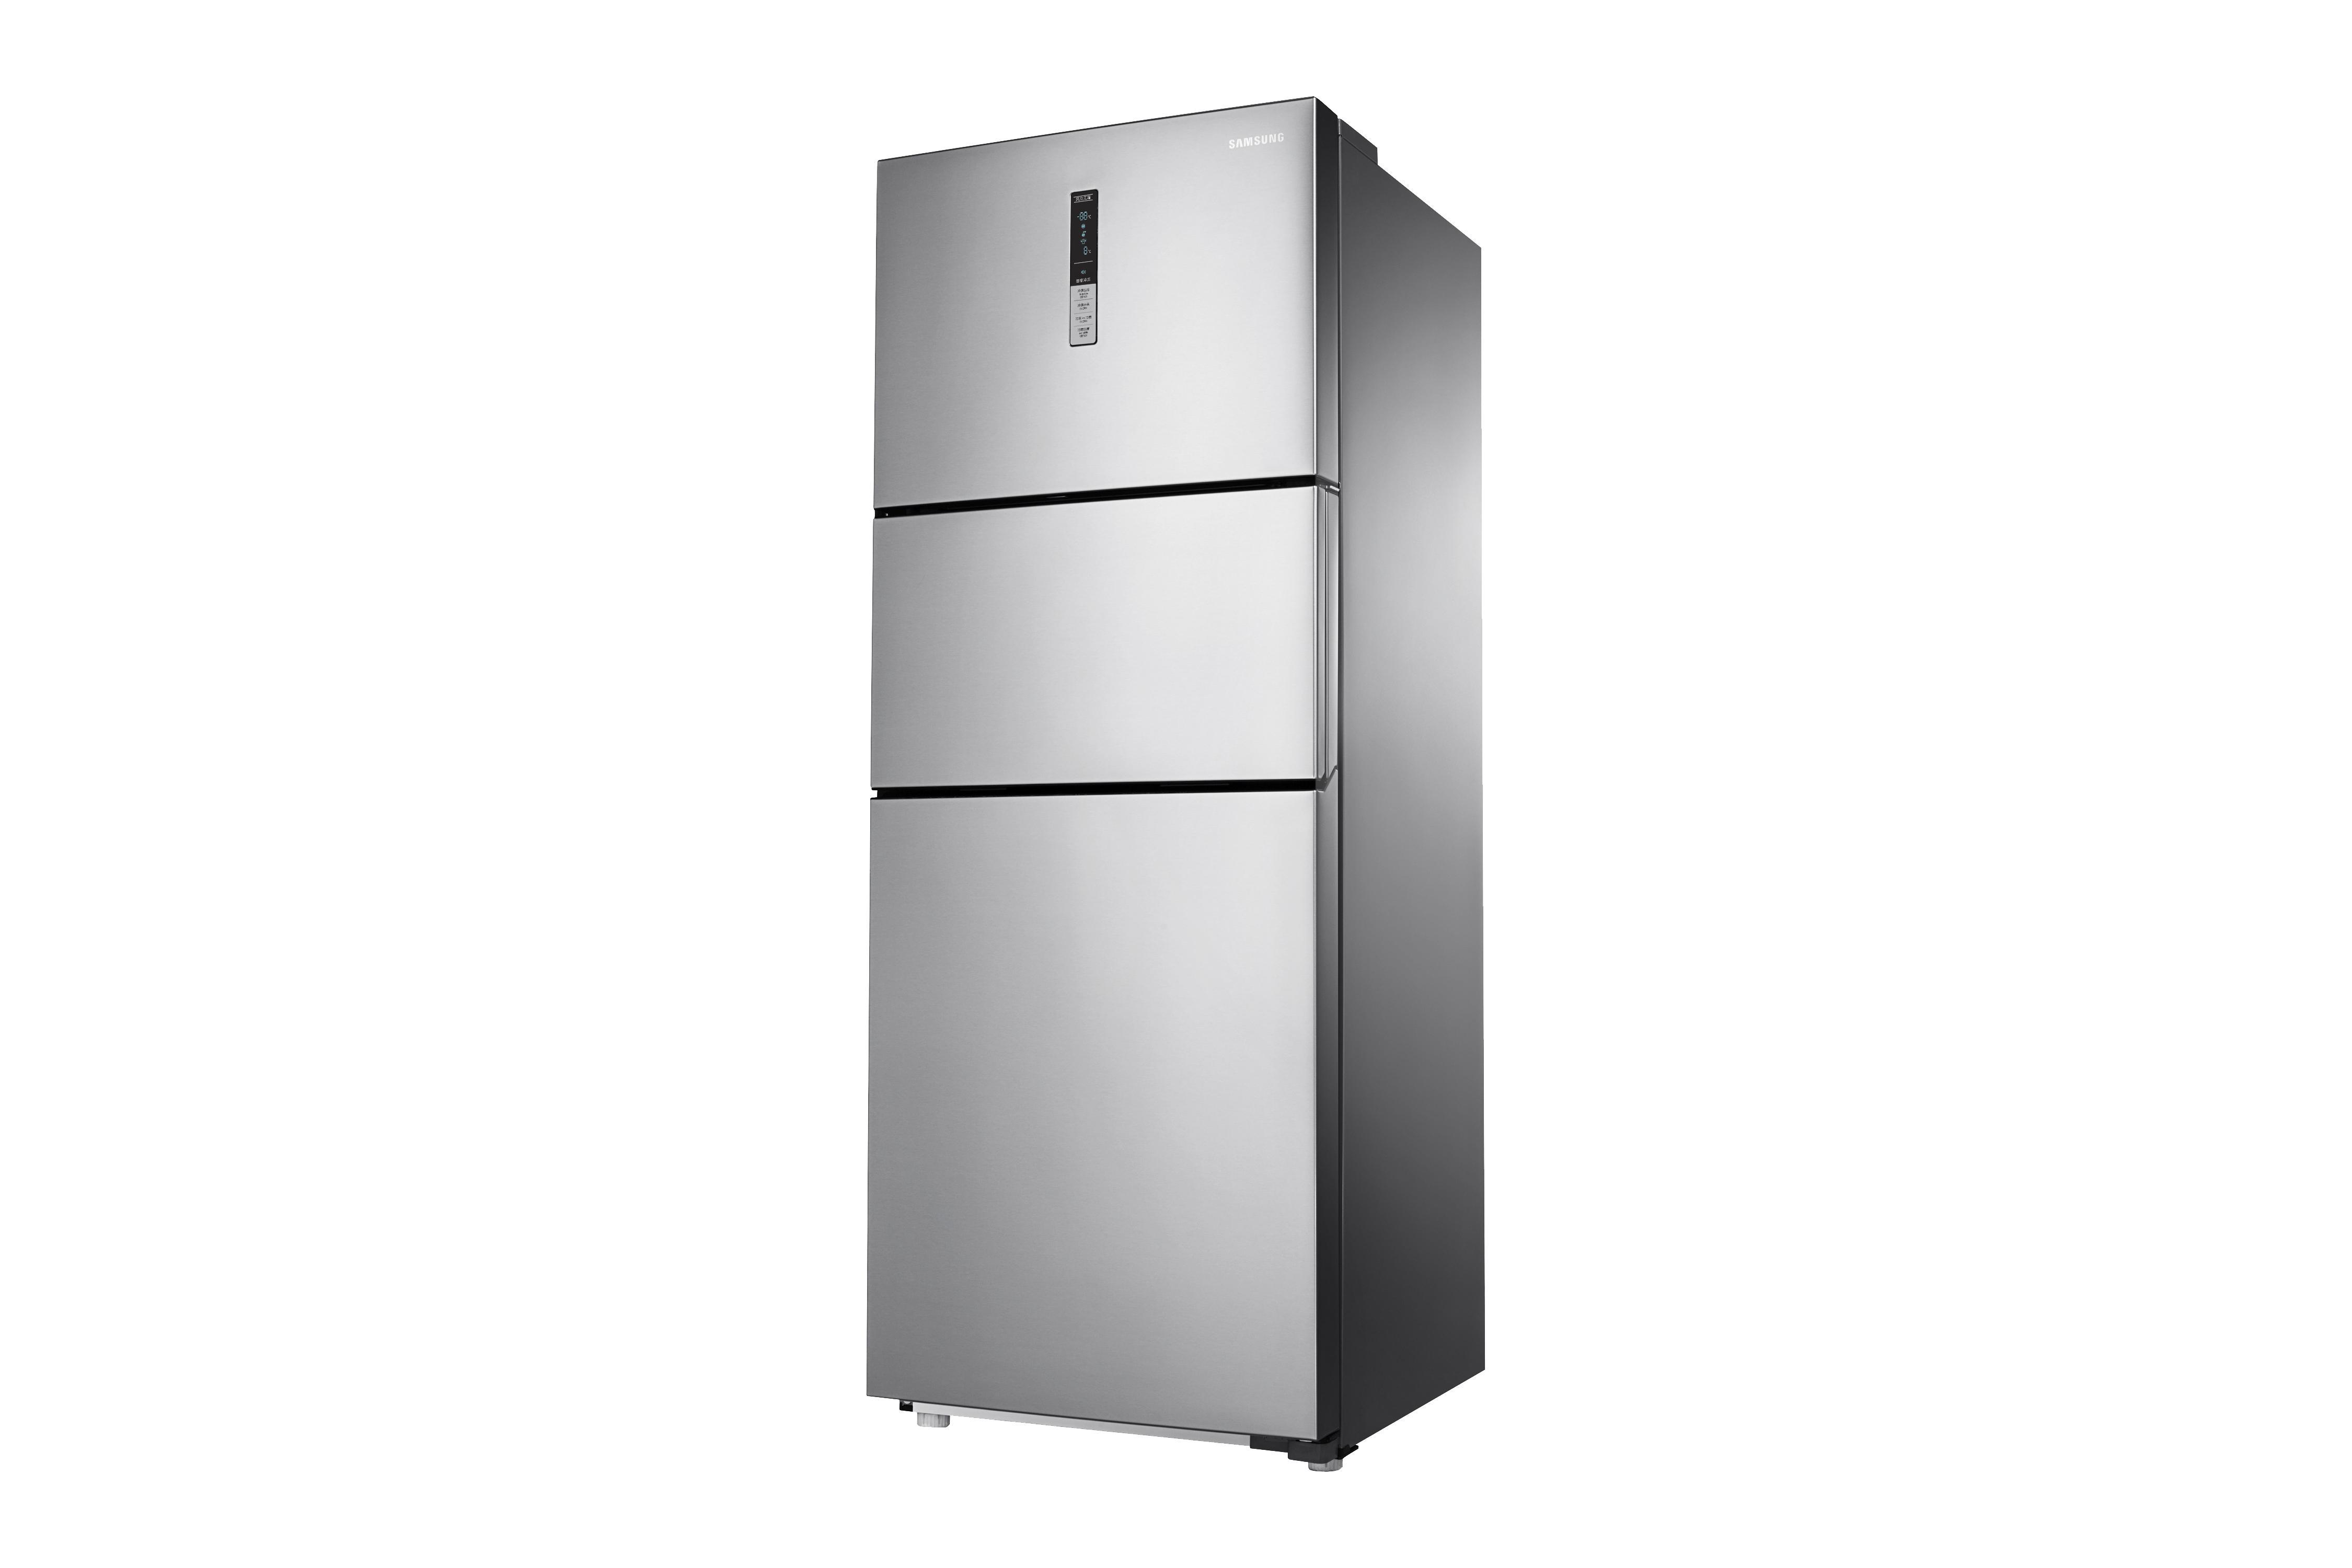 电冰箱图片大全_新冰箱使用前应该先插电24小时后放东西吗?_百度知道